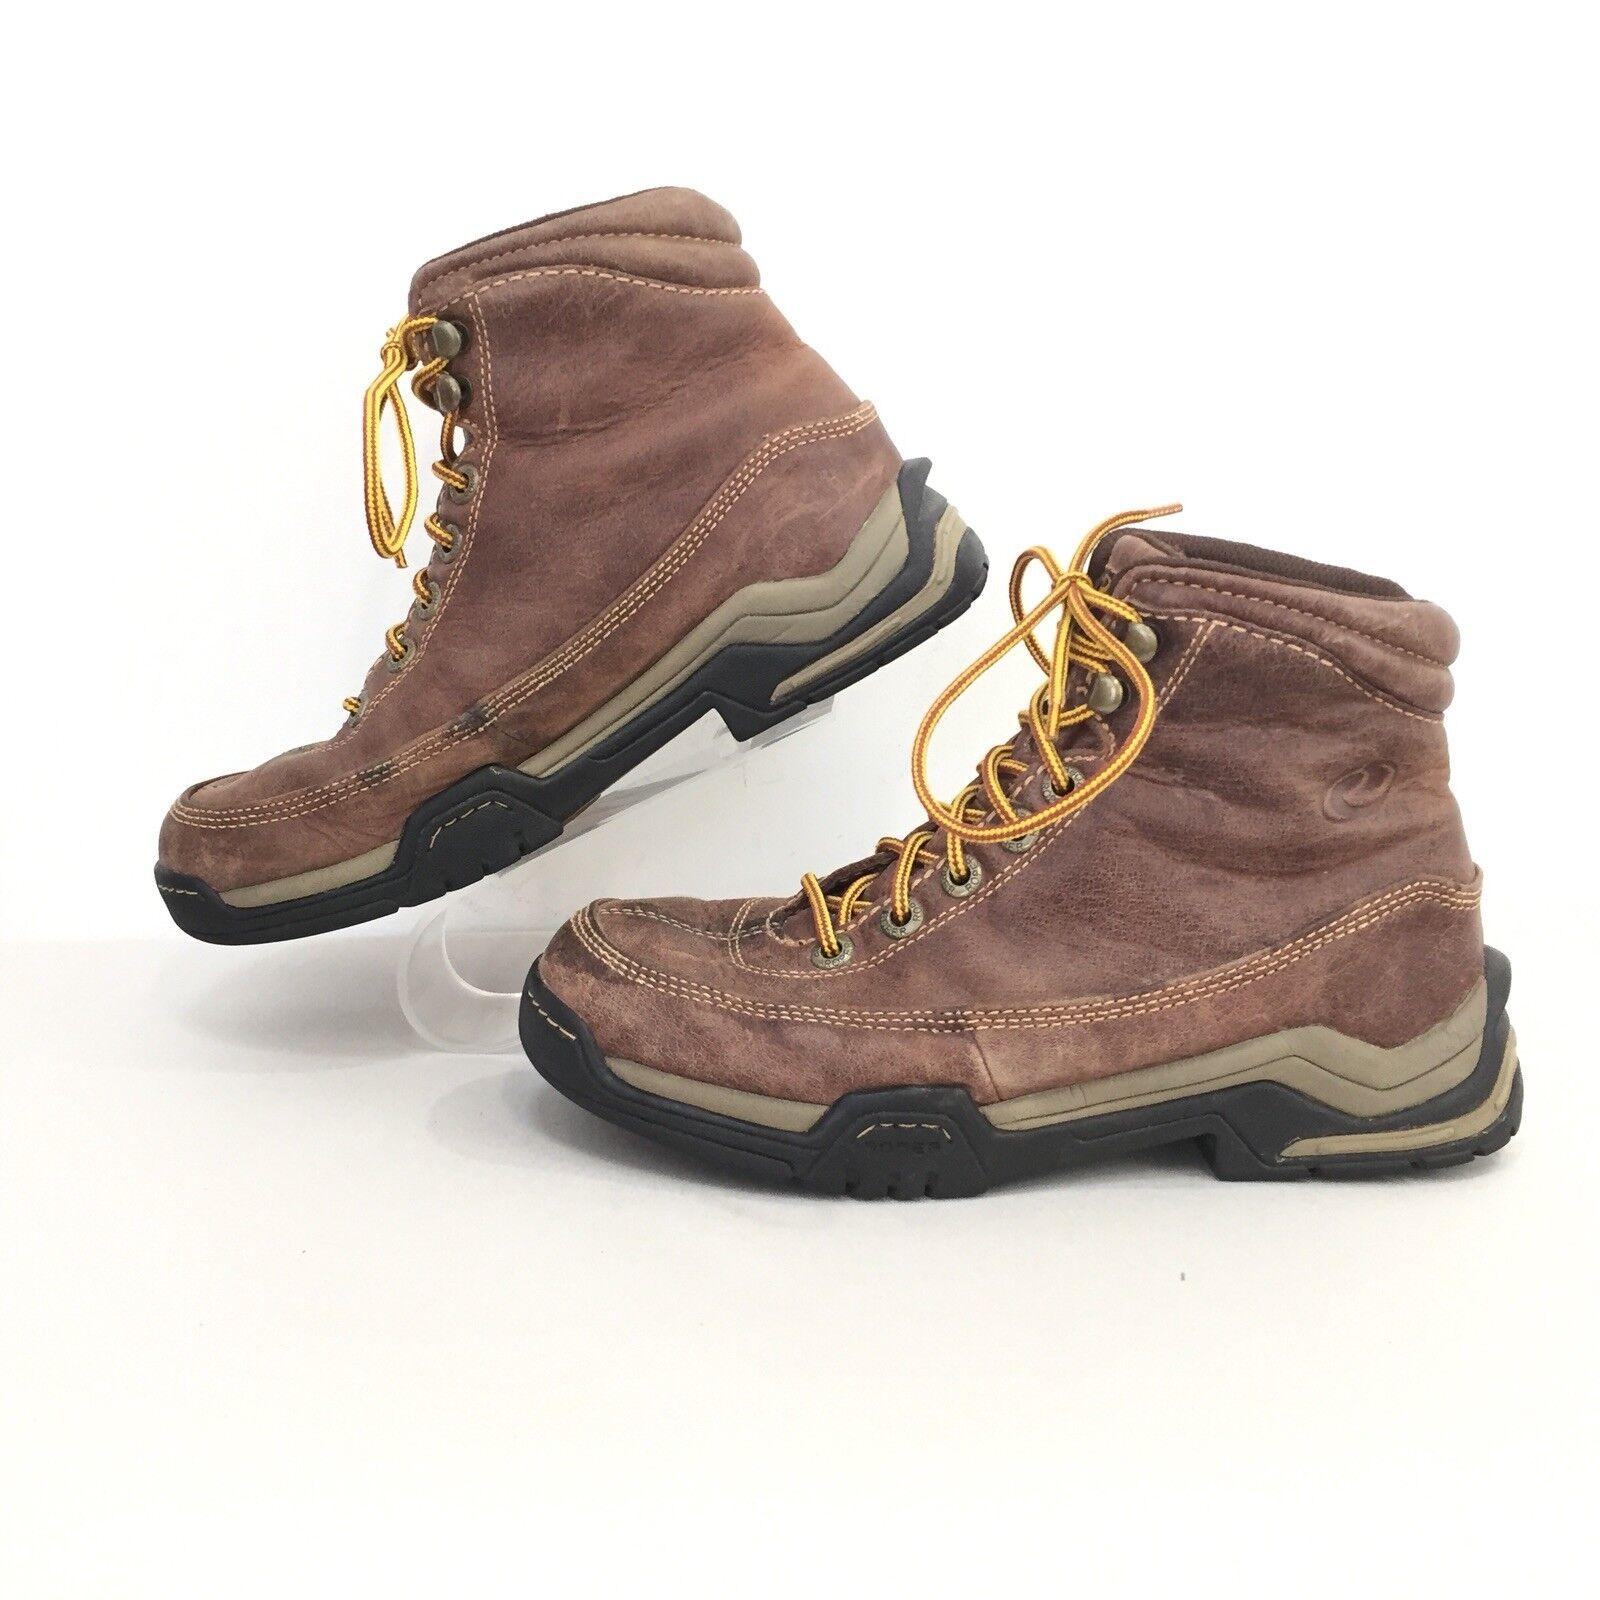 Roper mujer SZ 7.5 marróns Cuero Cuero Cuero con Cordones Occidental botas De Montar US 7.5 EUR 38.5  descuento de ventas en línea